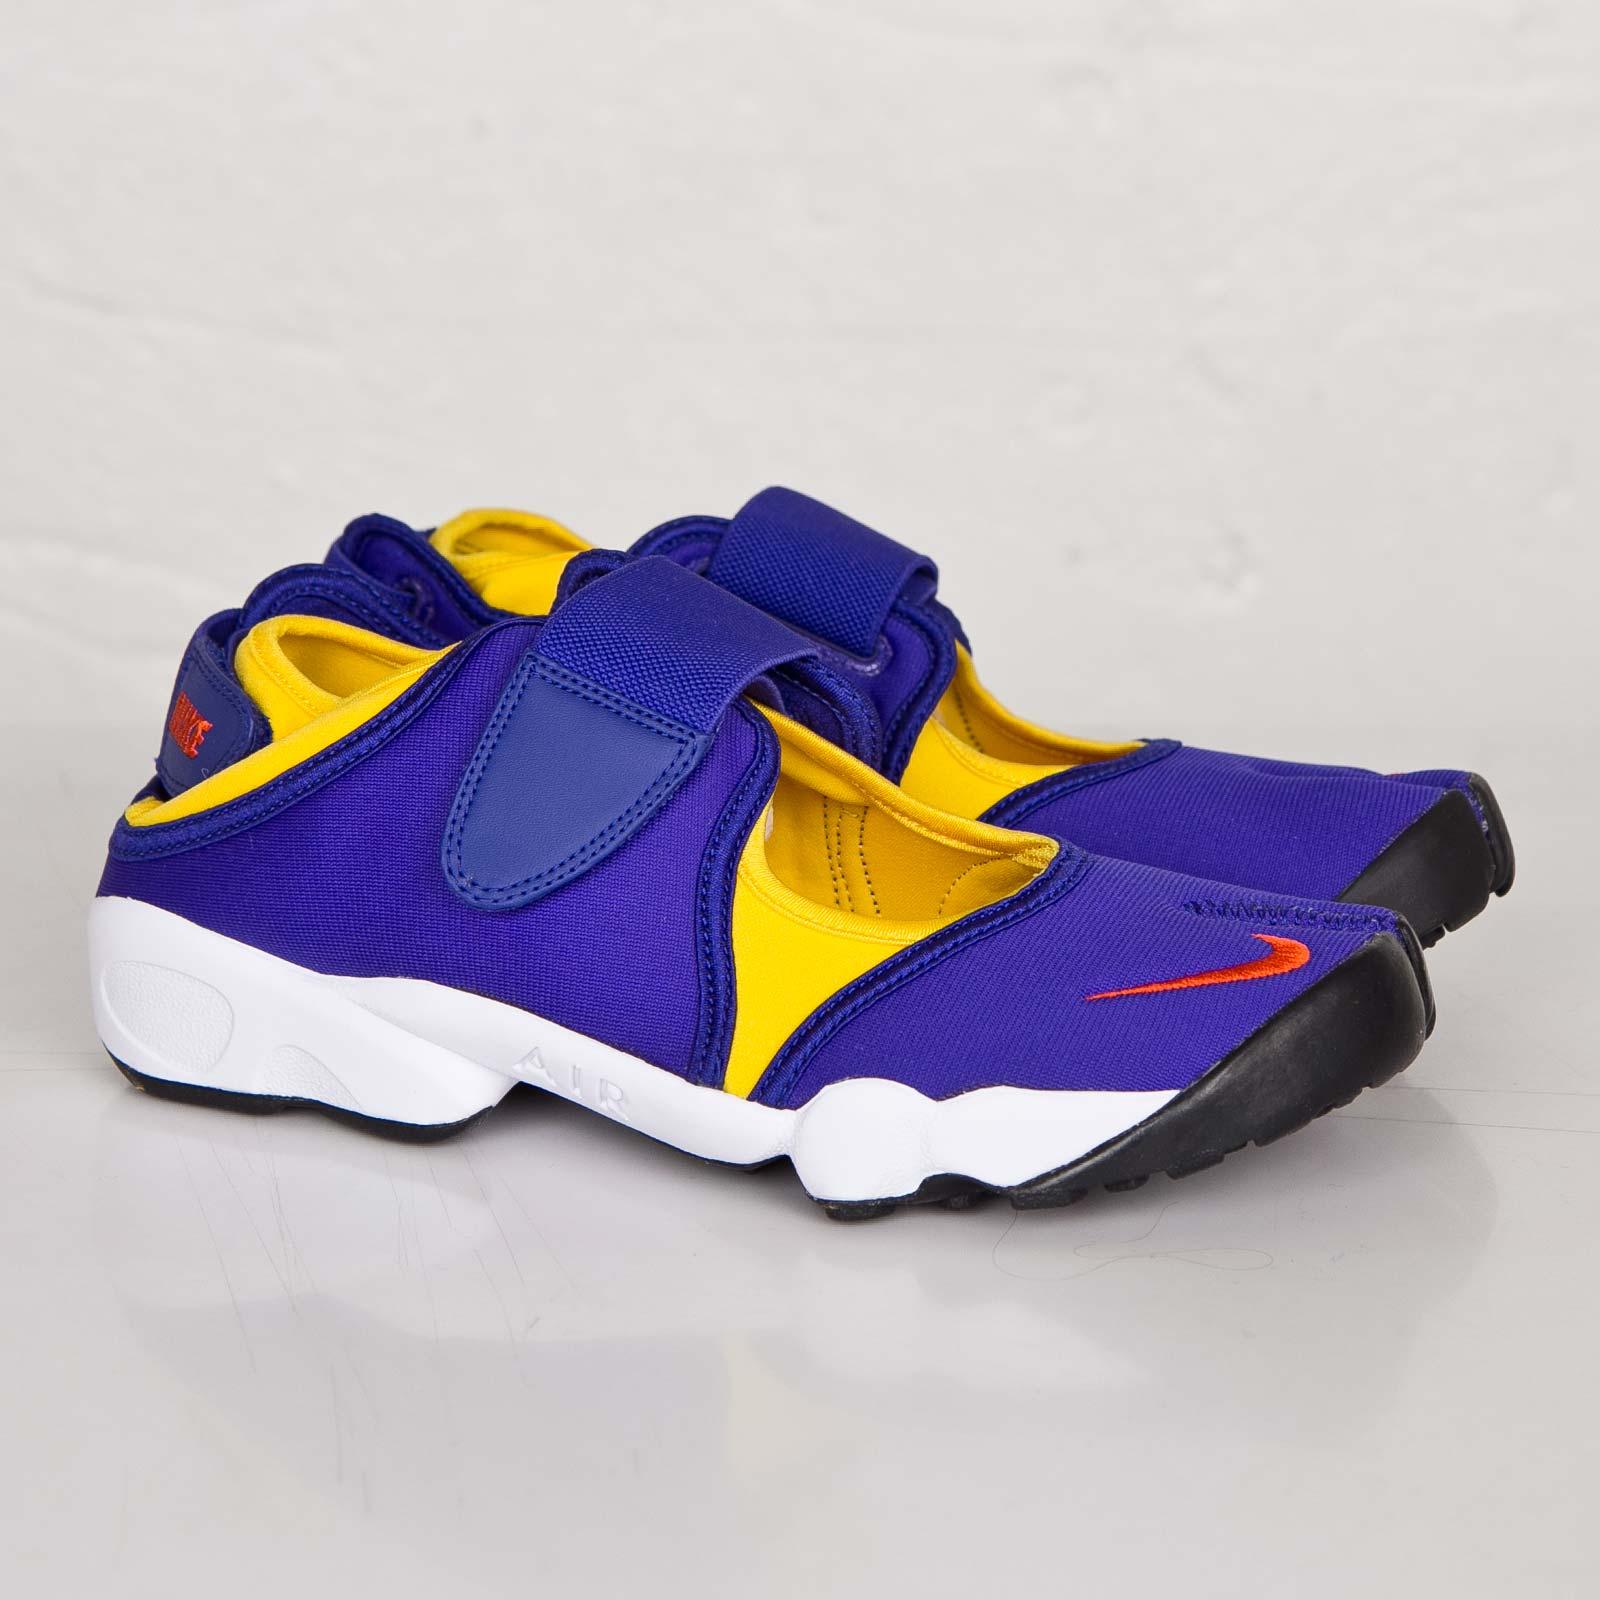 39707754b0a91e Nike Air Rift QS - 789491-481 - Sneakersnstuff